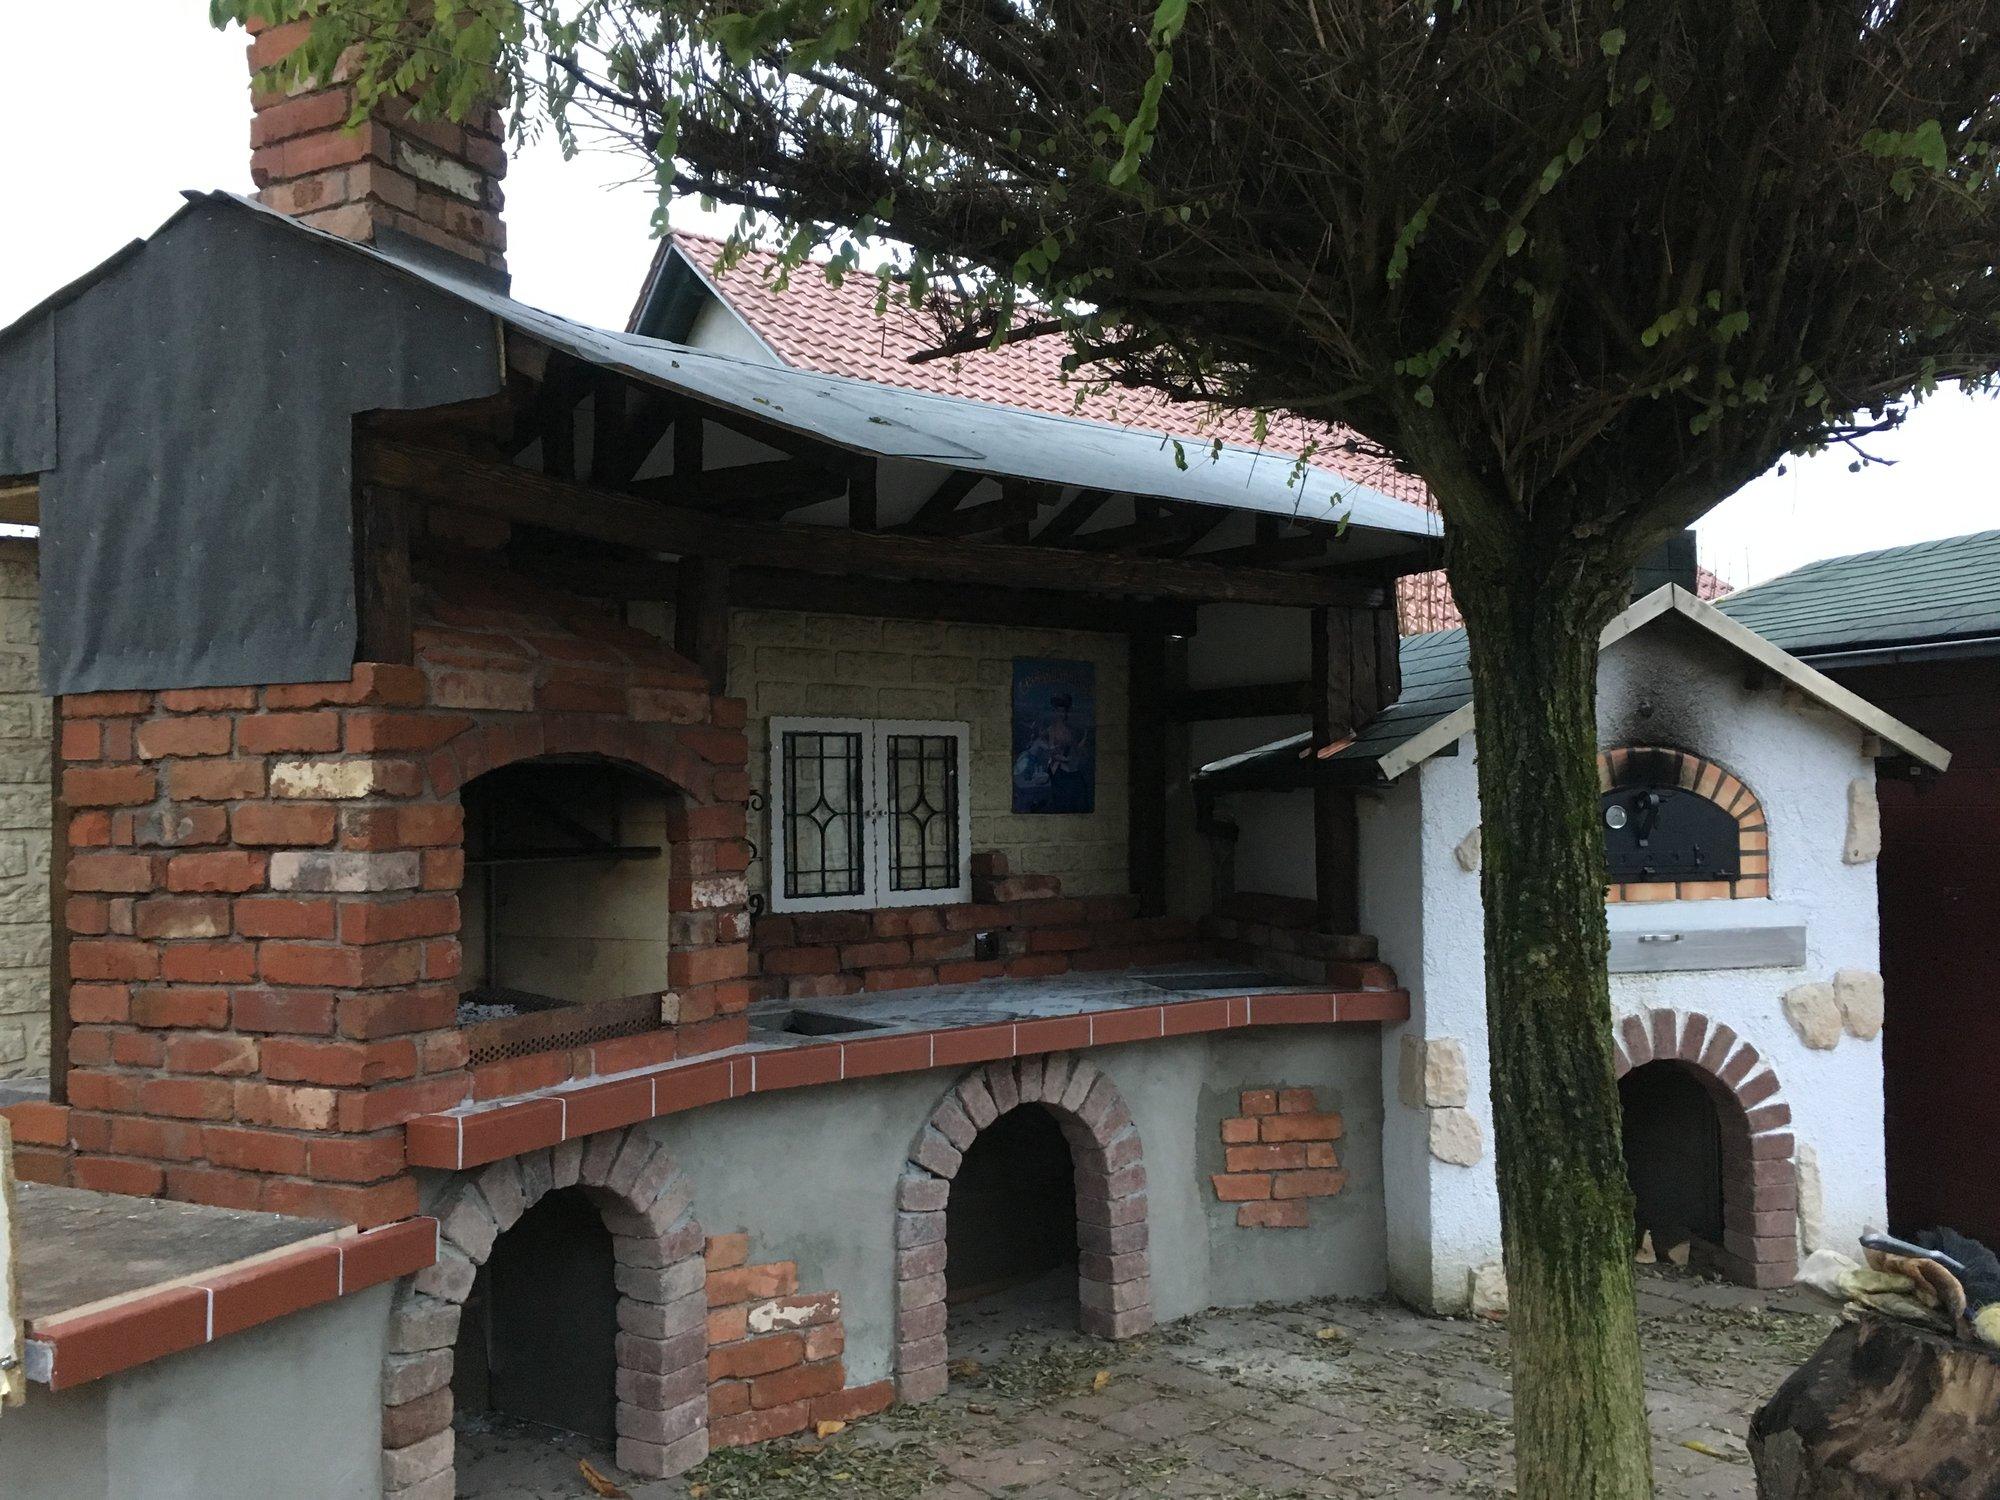 Außenküche Selber Bauen Grillsportverein : Outdoor küche selber bauen grillsportverein wohnzimmerz outdoor